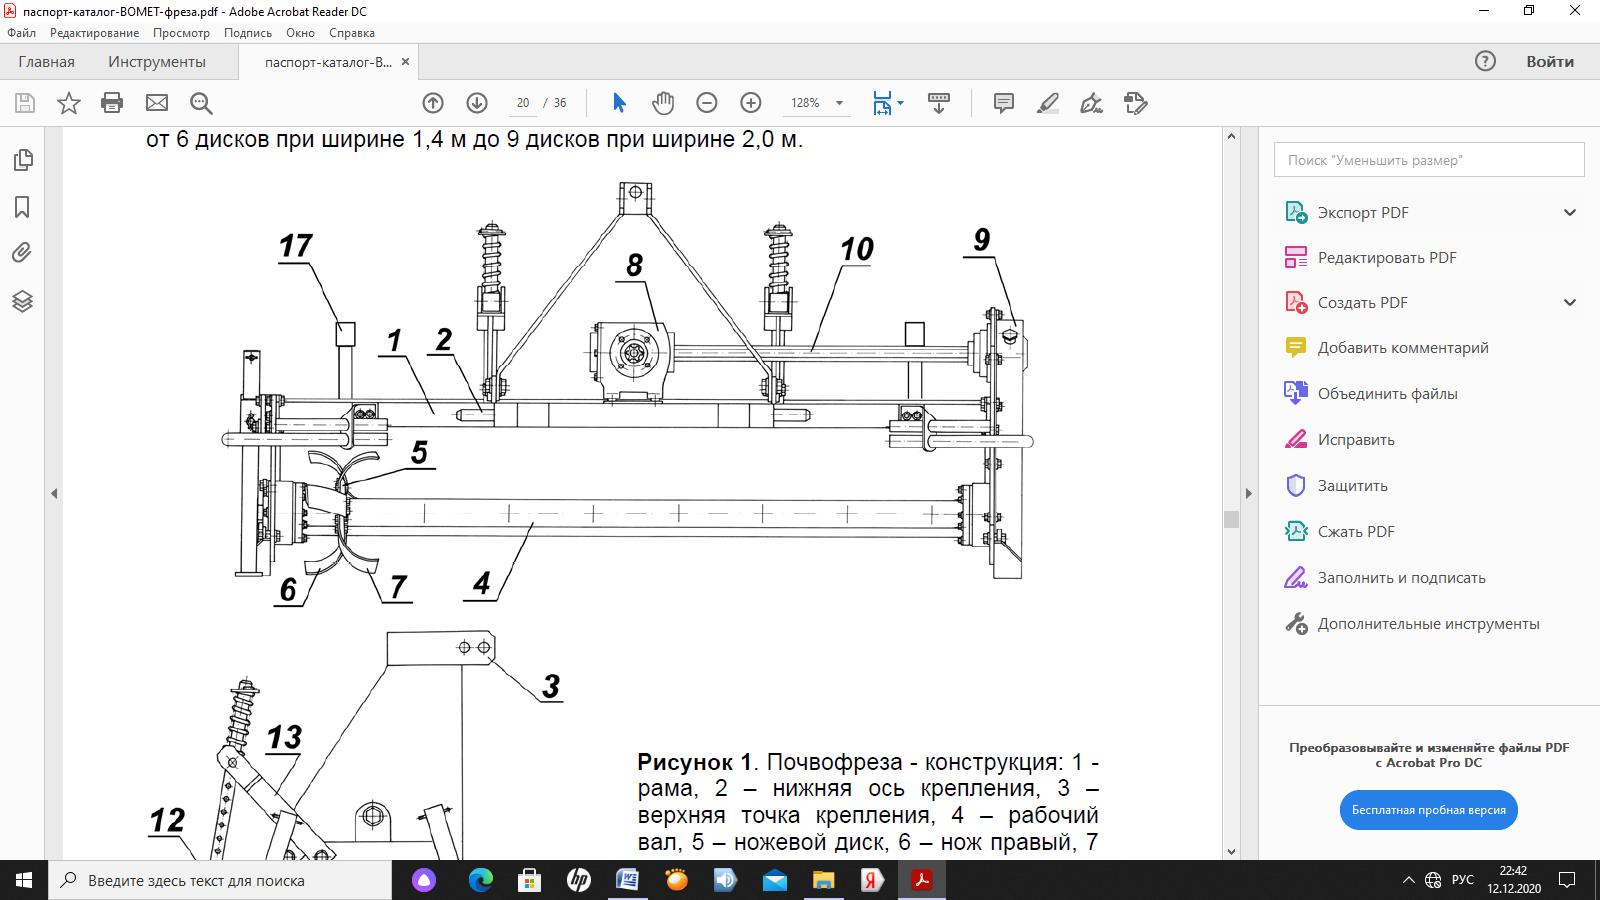 word image 264 Разработка предохранительной системы фрезы, предназначенной для обработки каменистых почв в горных селекционных питомниках